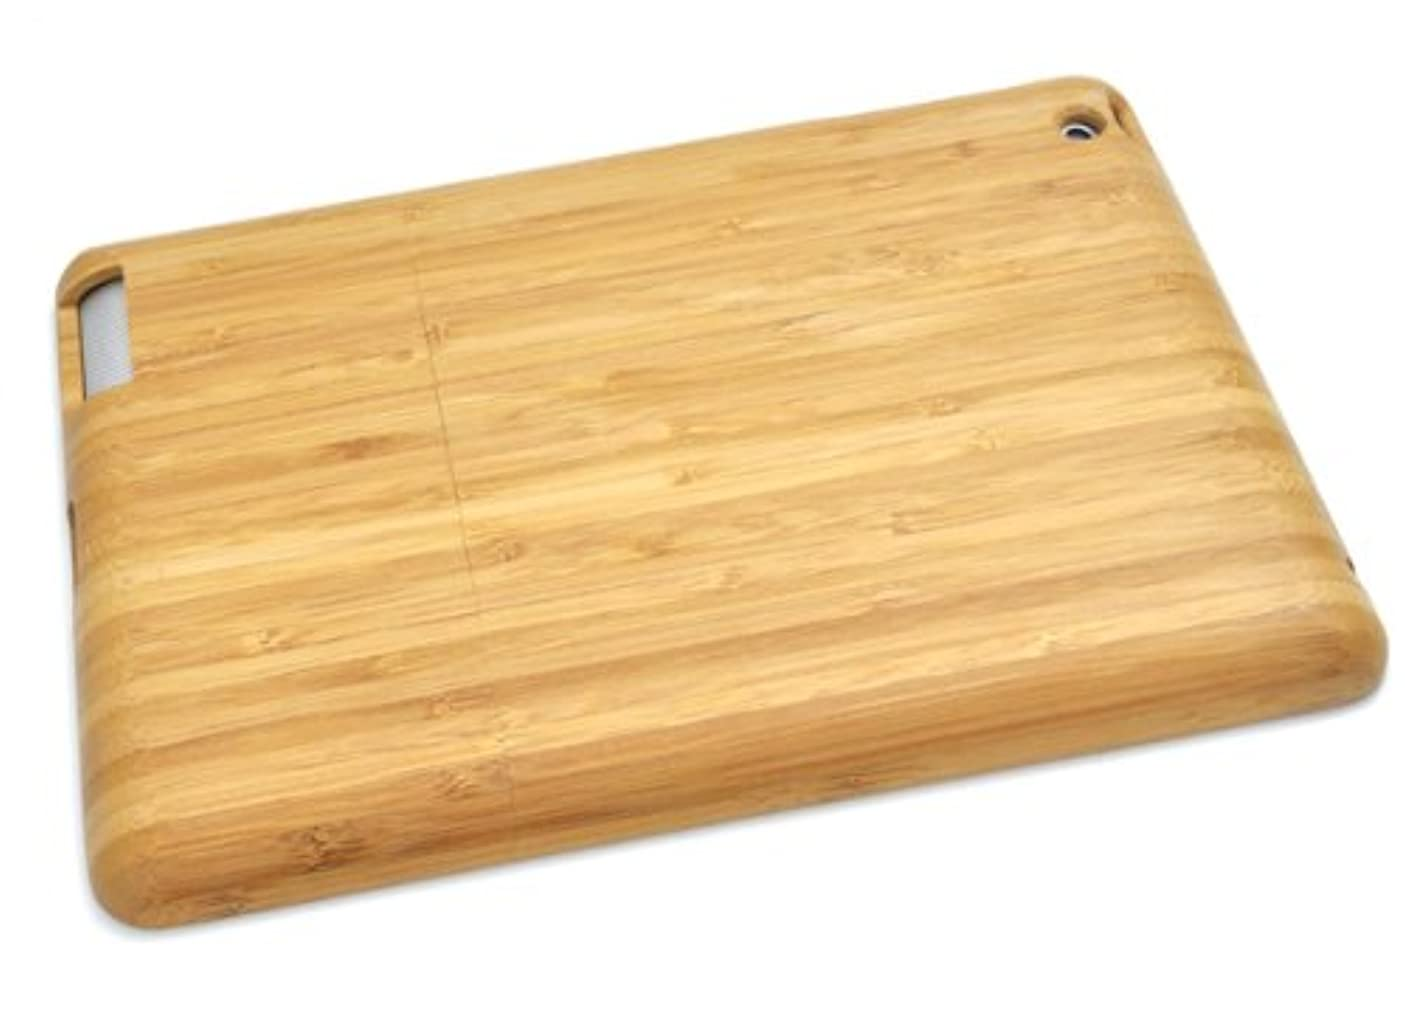 強化光の驚いたPLATA iPad2 / iPad3 / iPad4 第2/3/4世代 ケース カバー 竹製  ( 木製 ケース ) IPDN-13-01